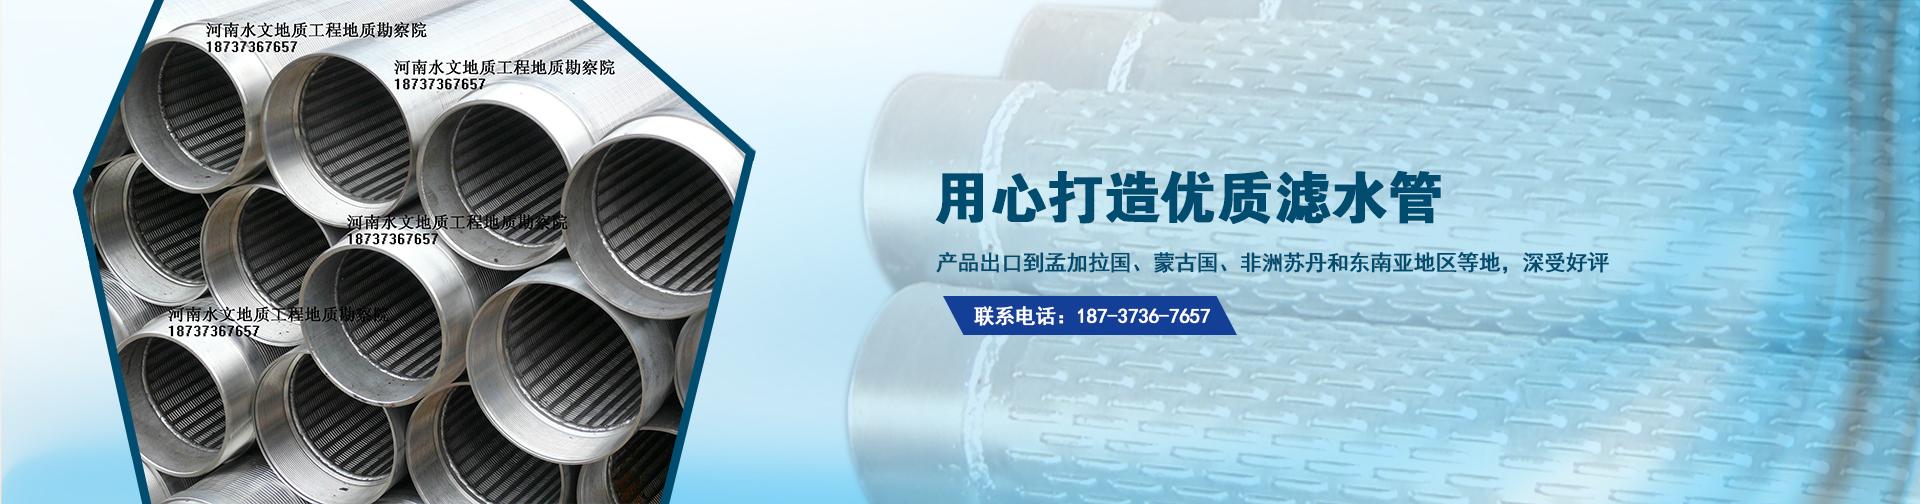 不锈钢石油筛管